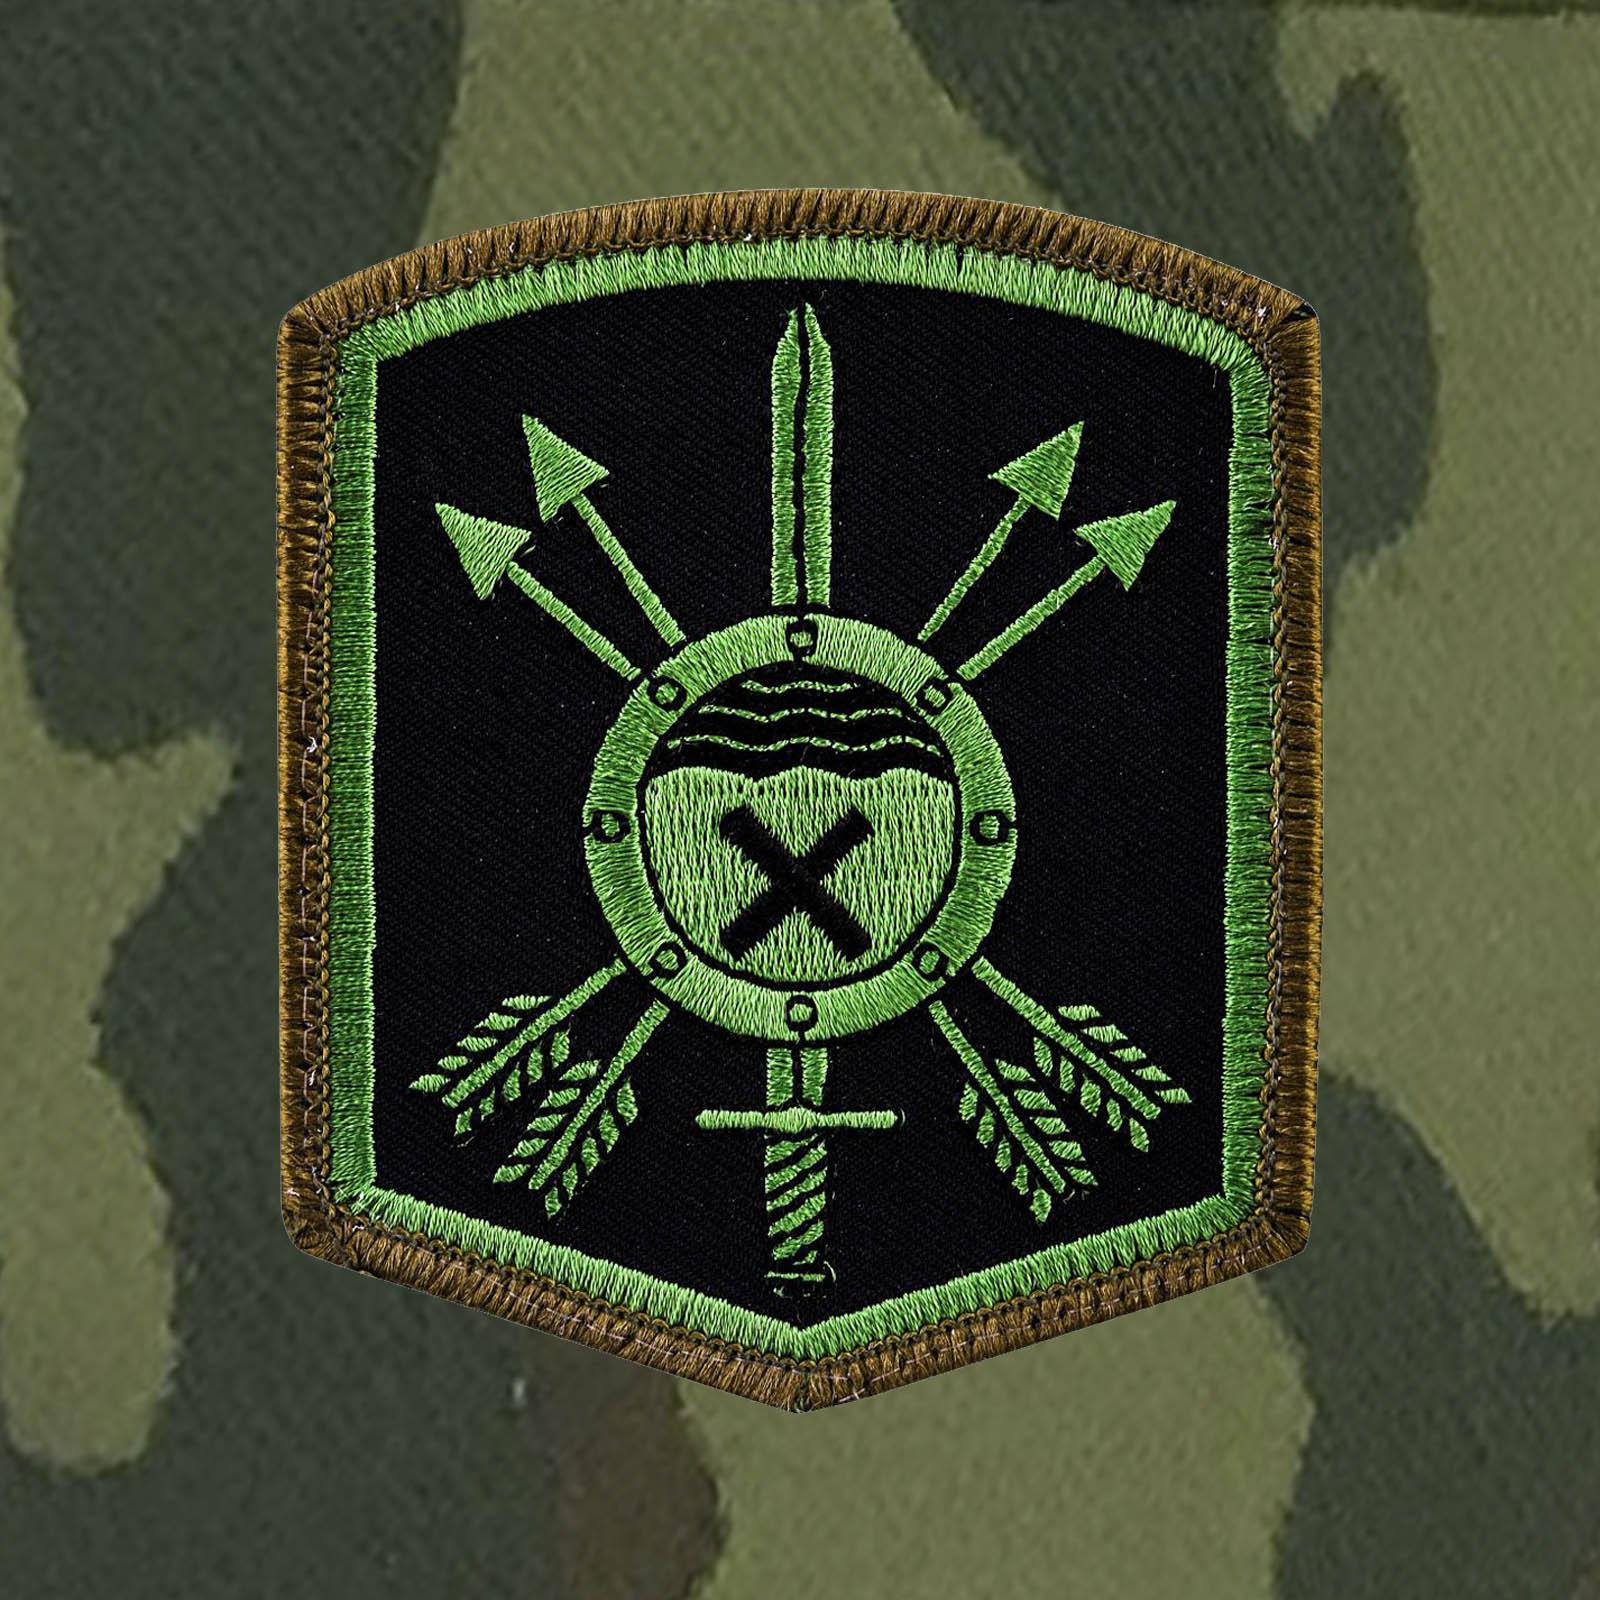 Военная кепка с шевроном 31-ой ракетной армии РВСН.